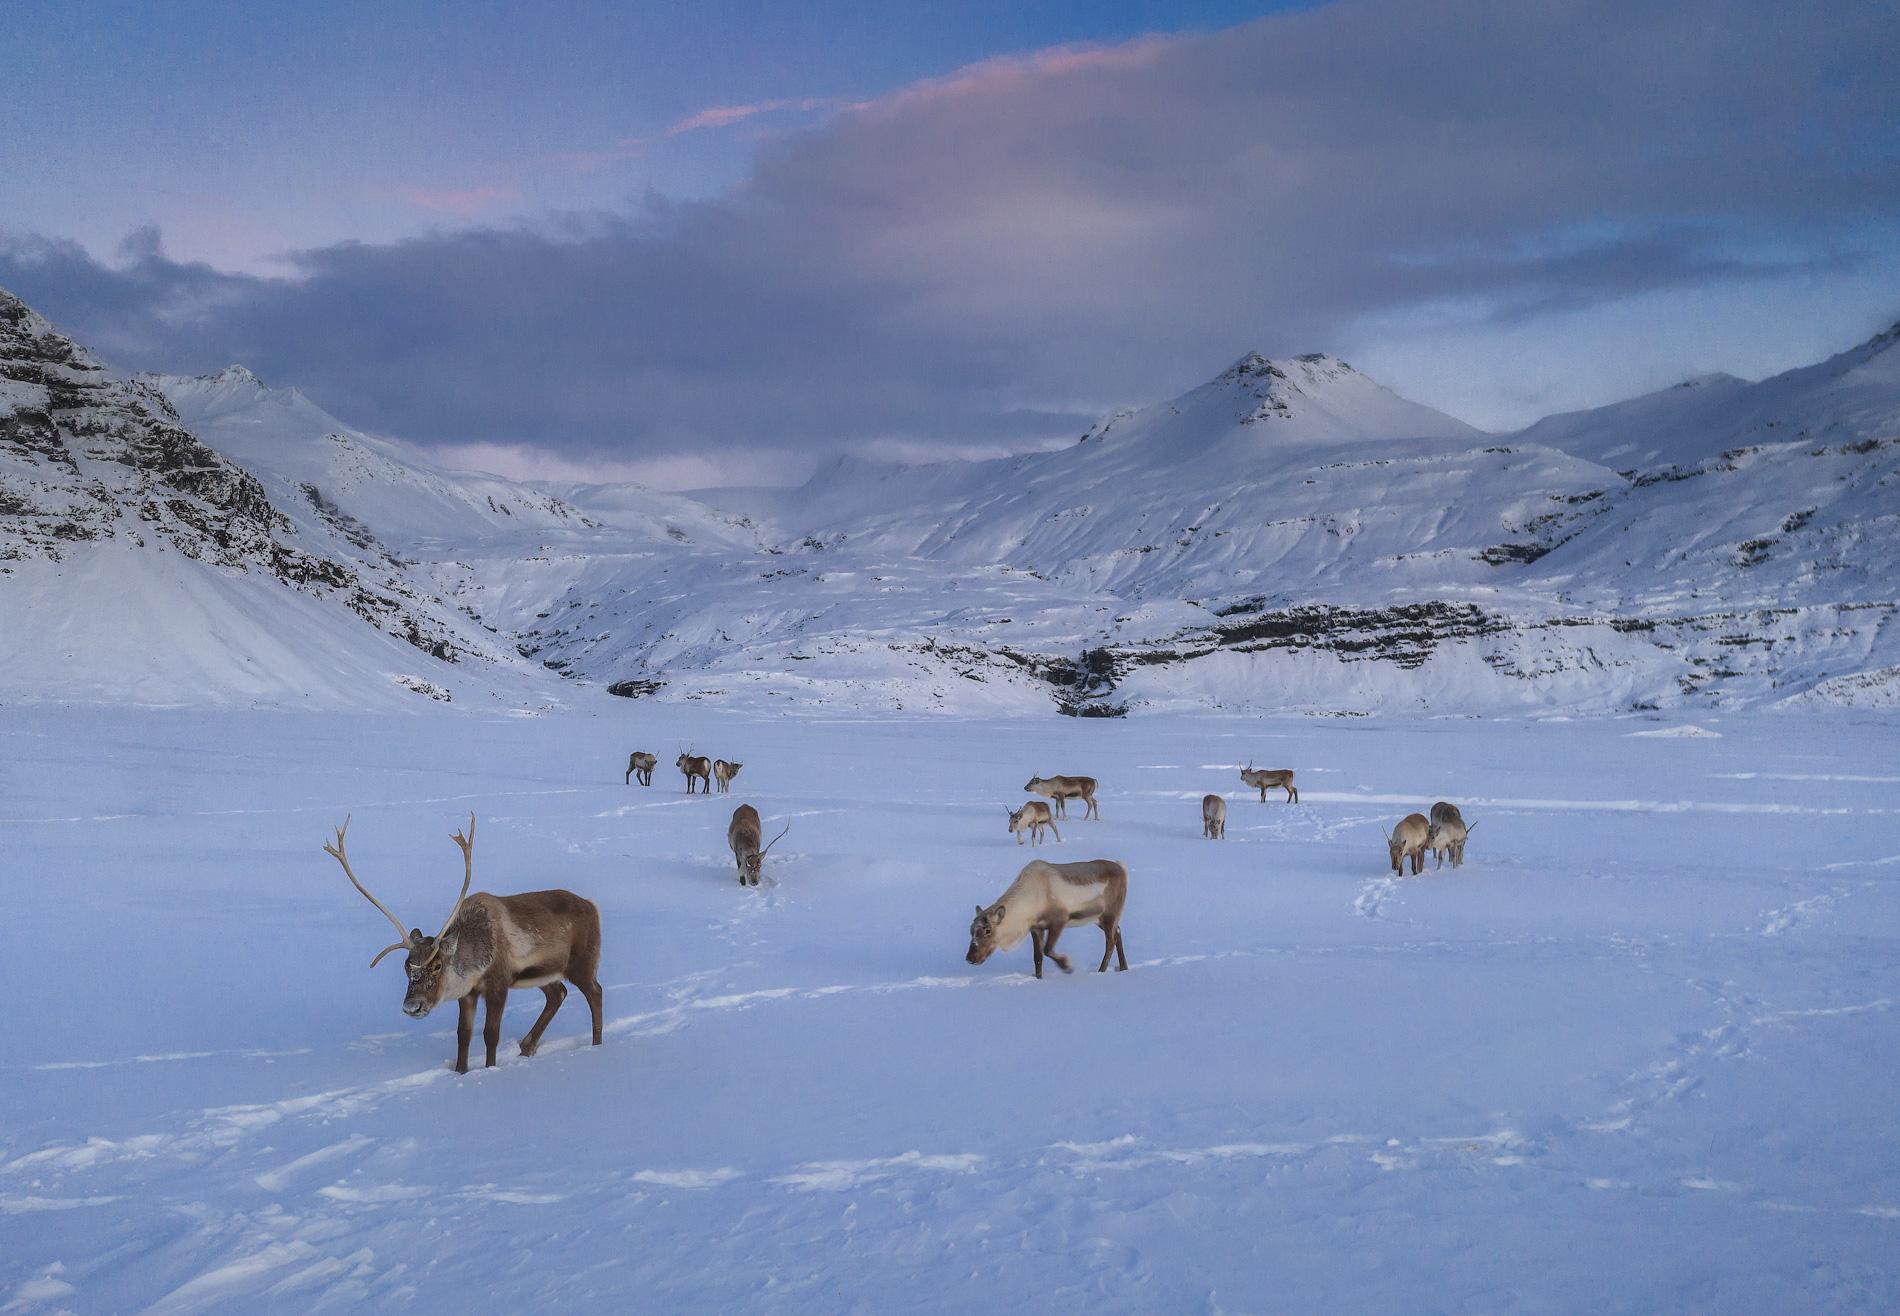 Si vous avez de la chance, vous remarquerez peut-être des rennes sauvages pendant votre séjour dans les fjords de l'Est.